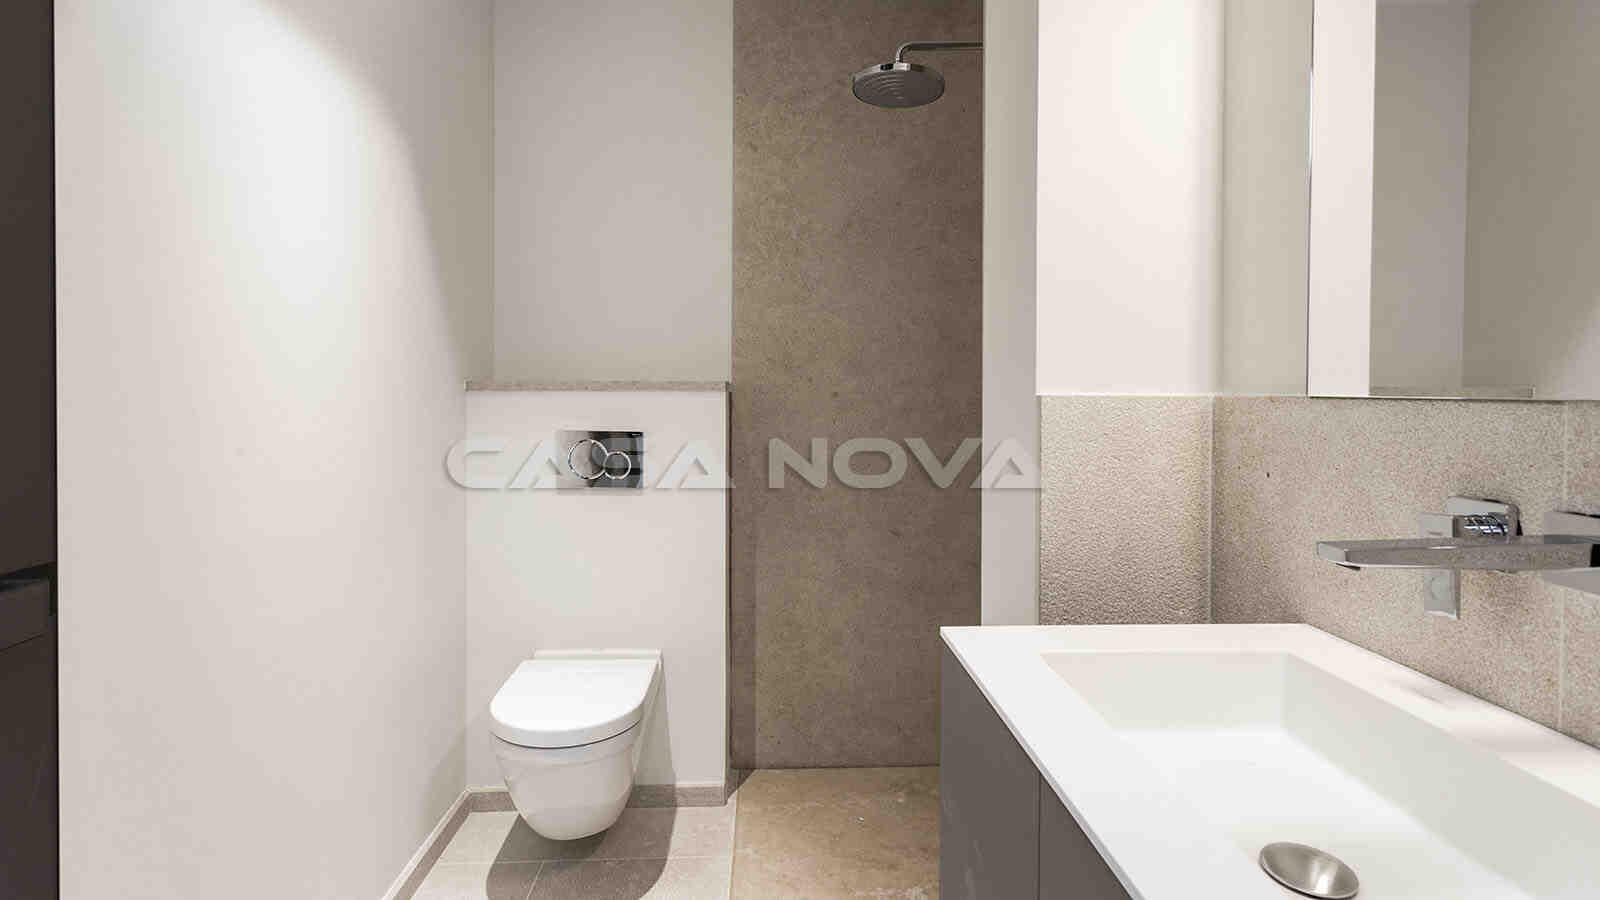 Ref. 2402530 - Modernes Badezimmer mit mediterranen Akzenten